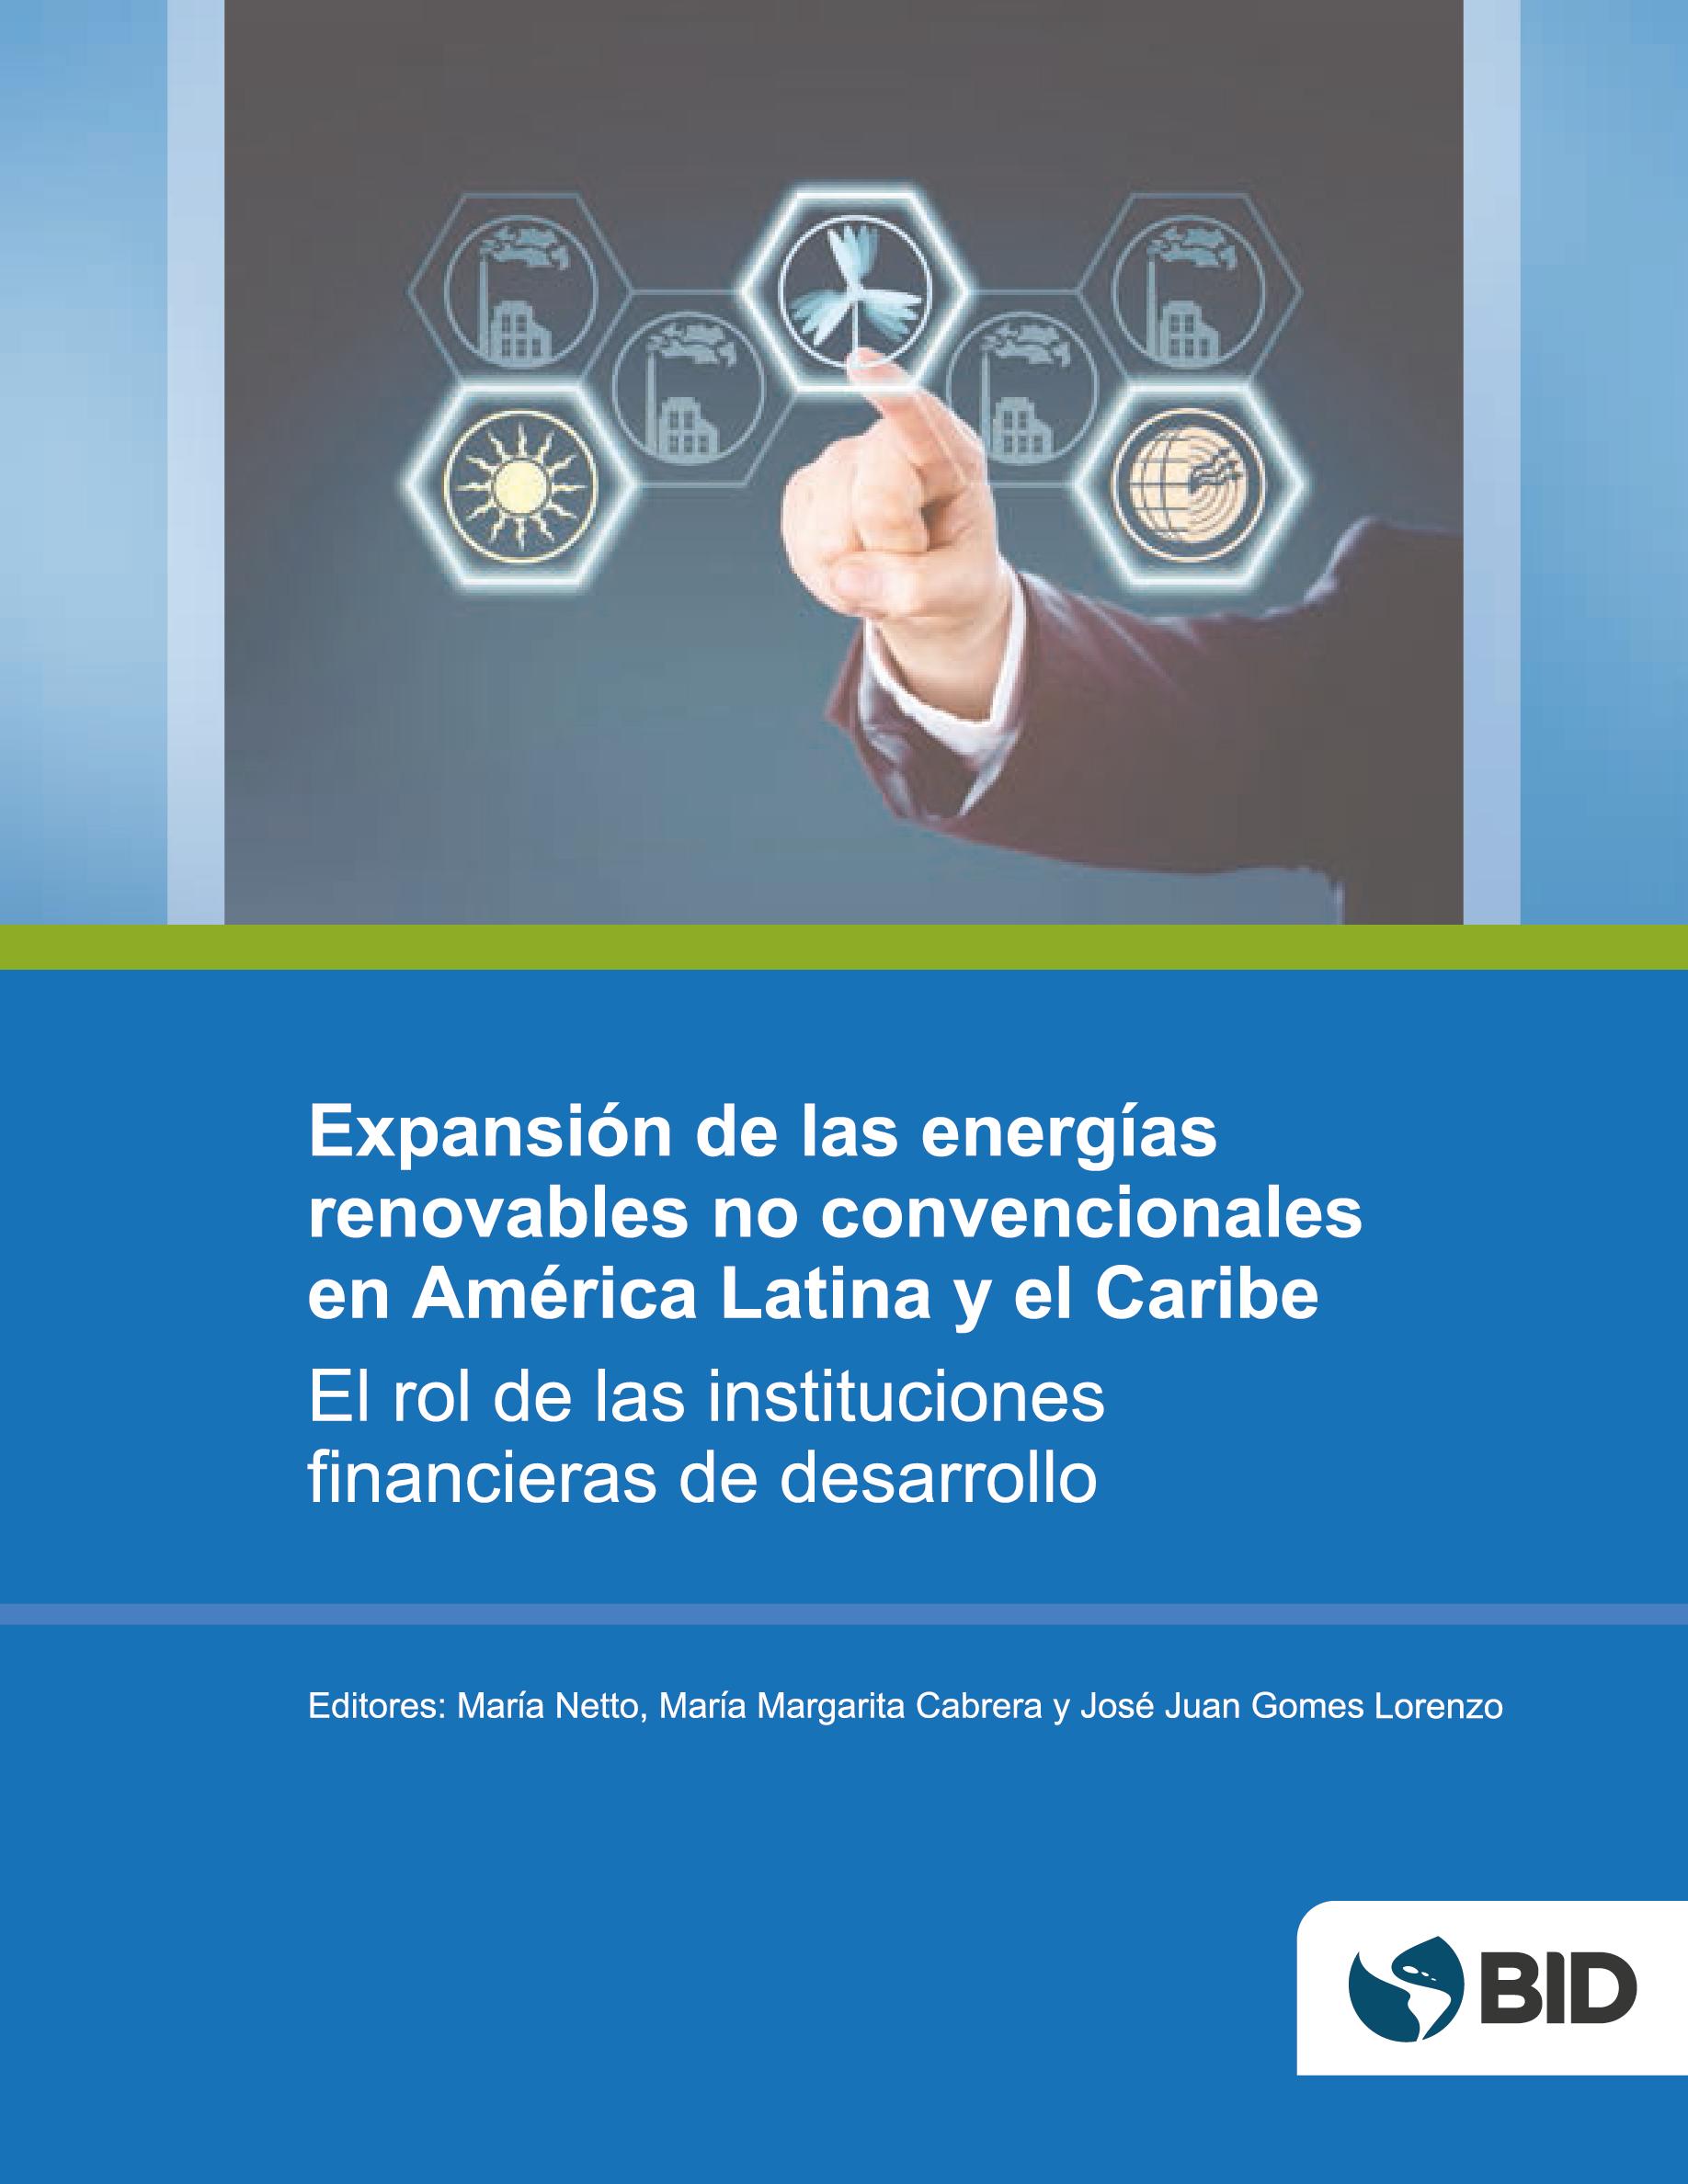 Expansión de las energías renovables no convencionales en América Latina y el Caribe. El rol de las instituciones financieras de desarrollo